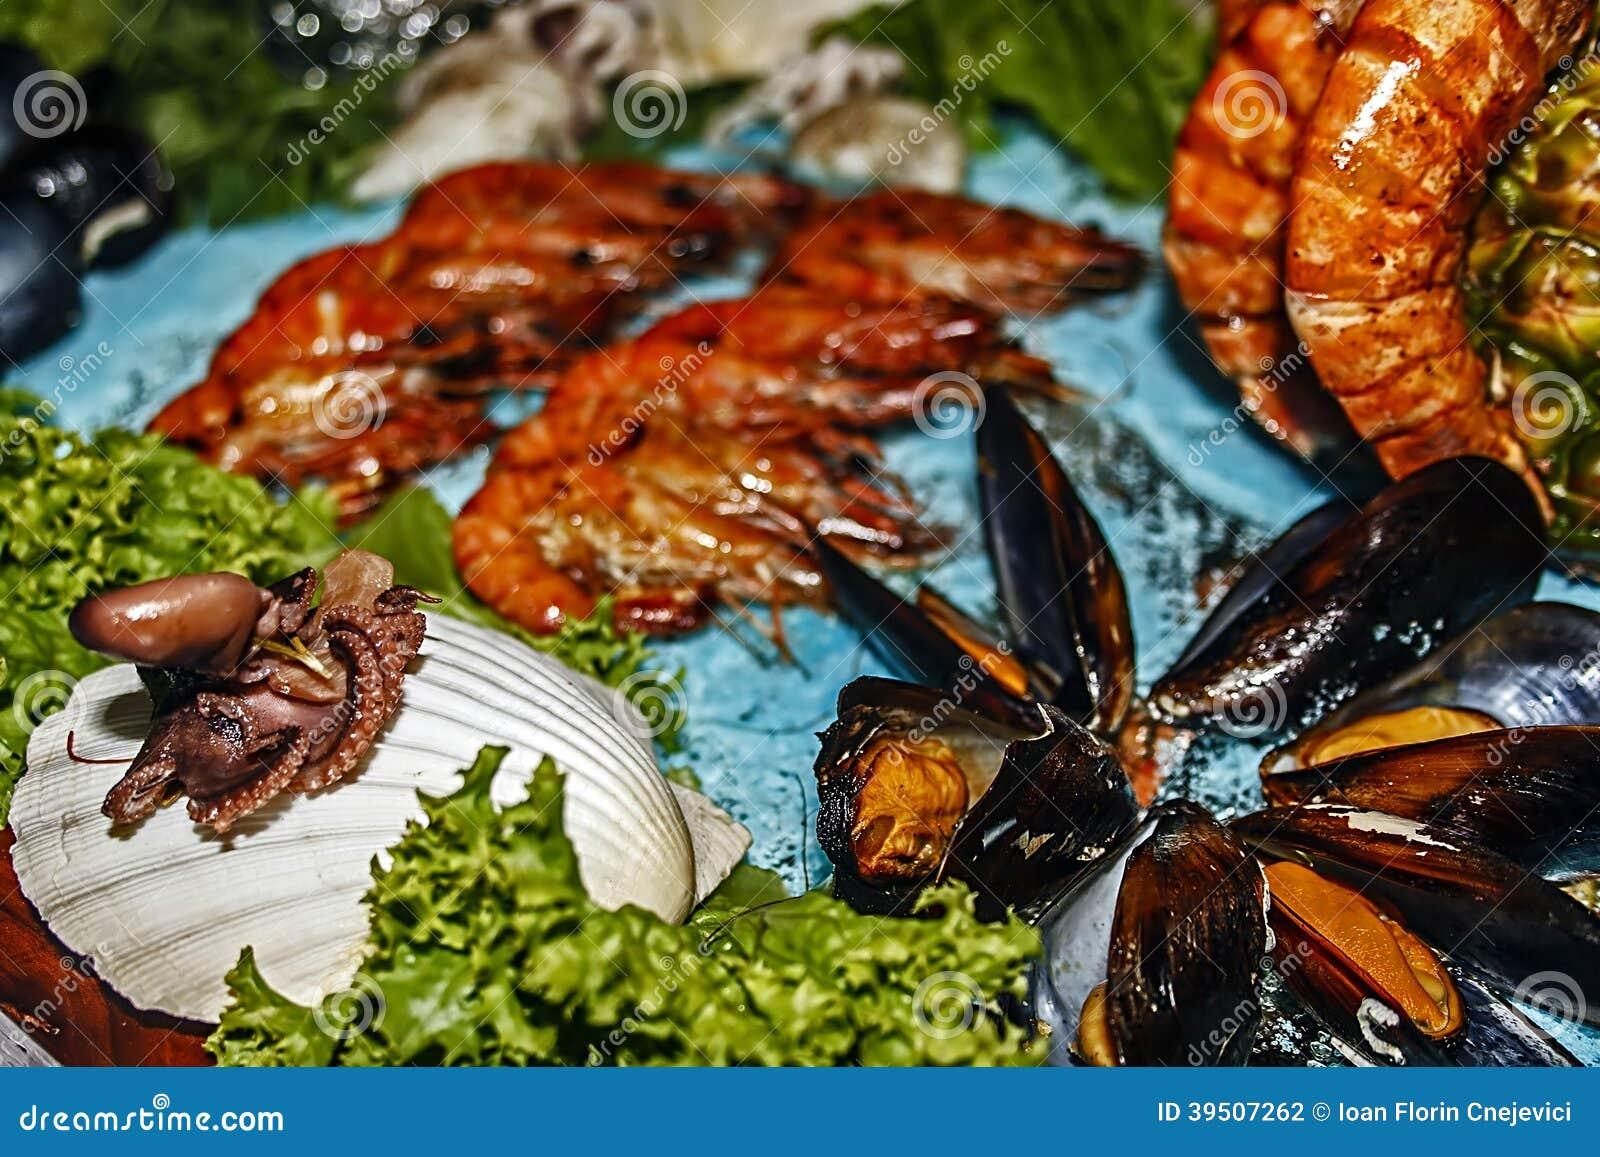 Arrangement of food 45